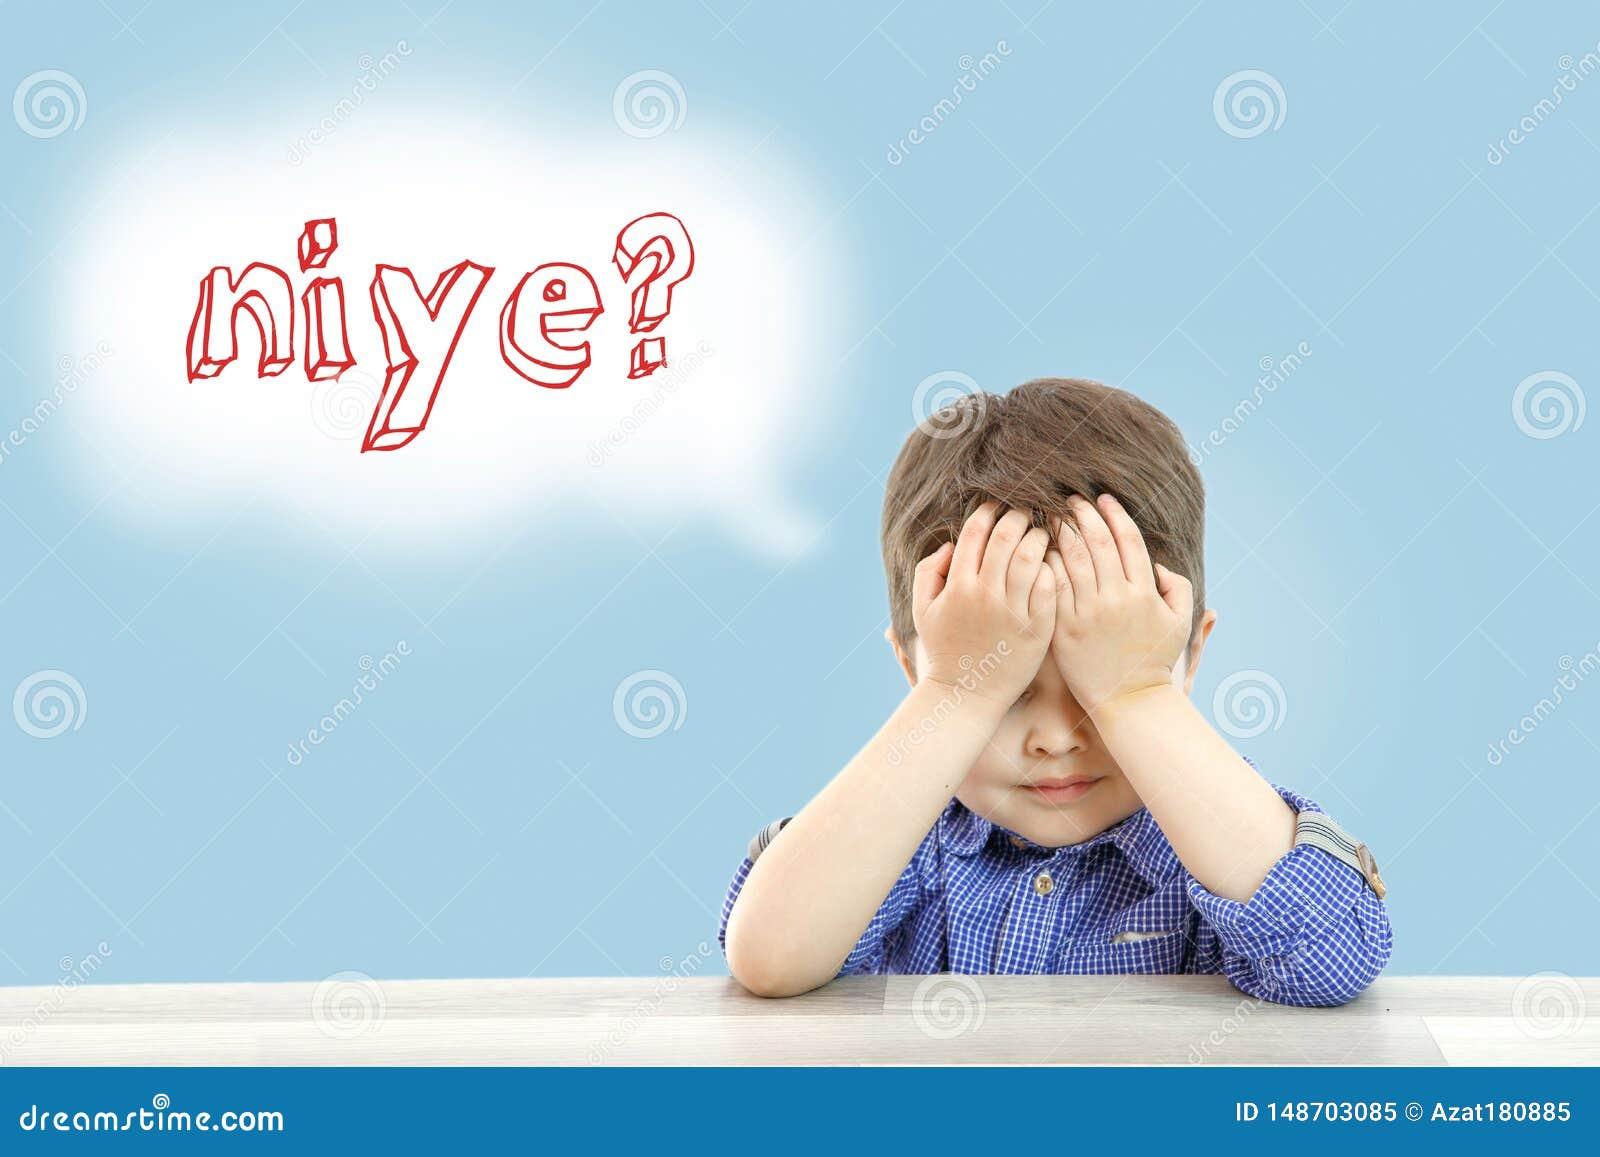 Wenig netter Junge sitzt und fragt warum in der t?rkischen Sprache auf einem lokalisierten Hintergrund